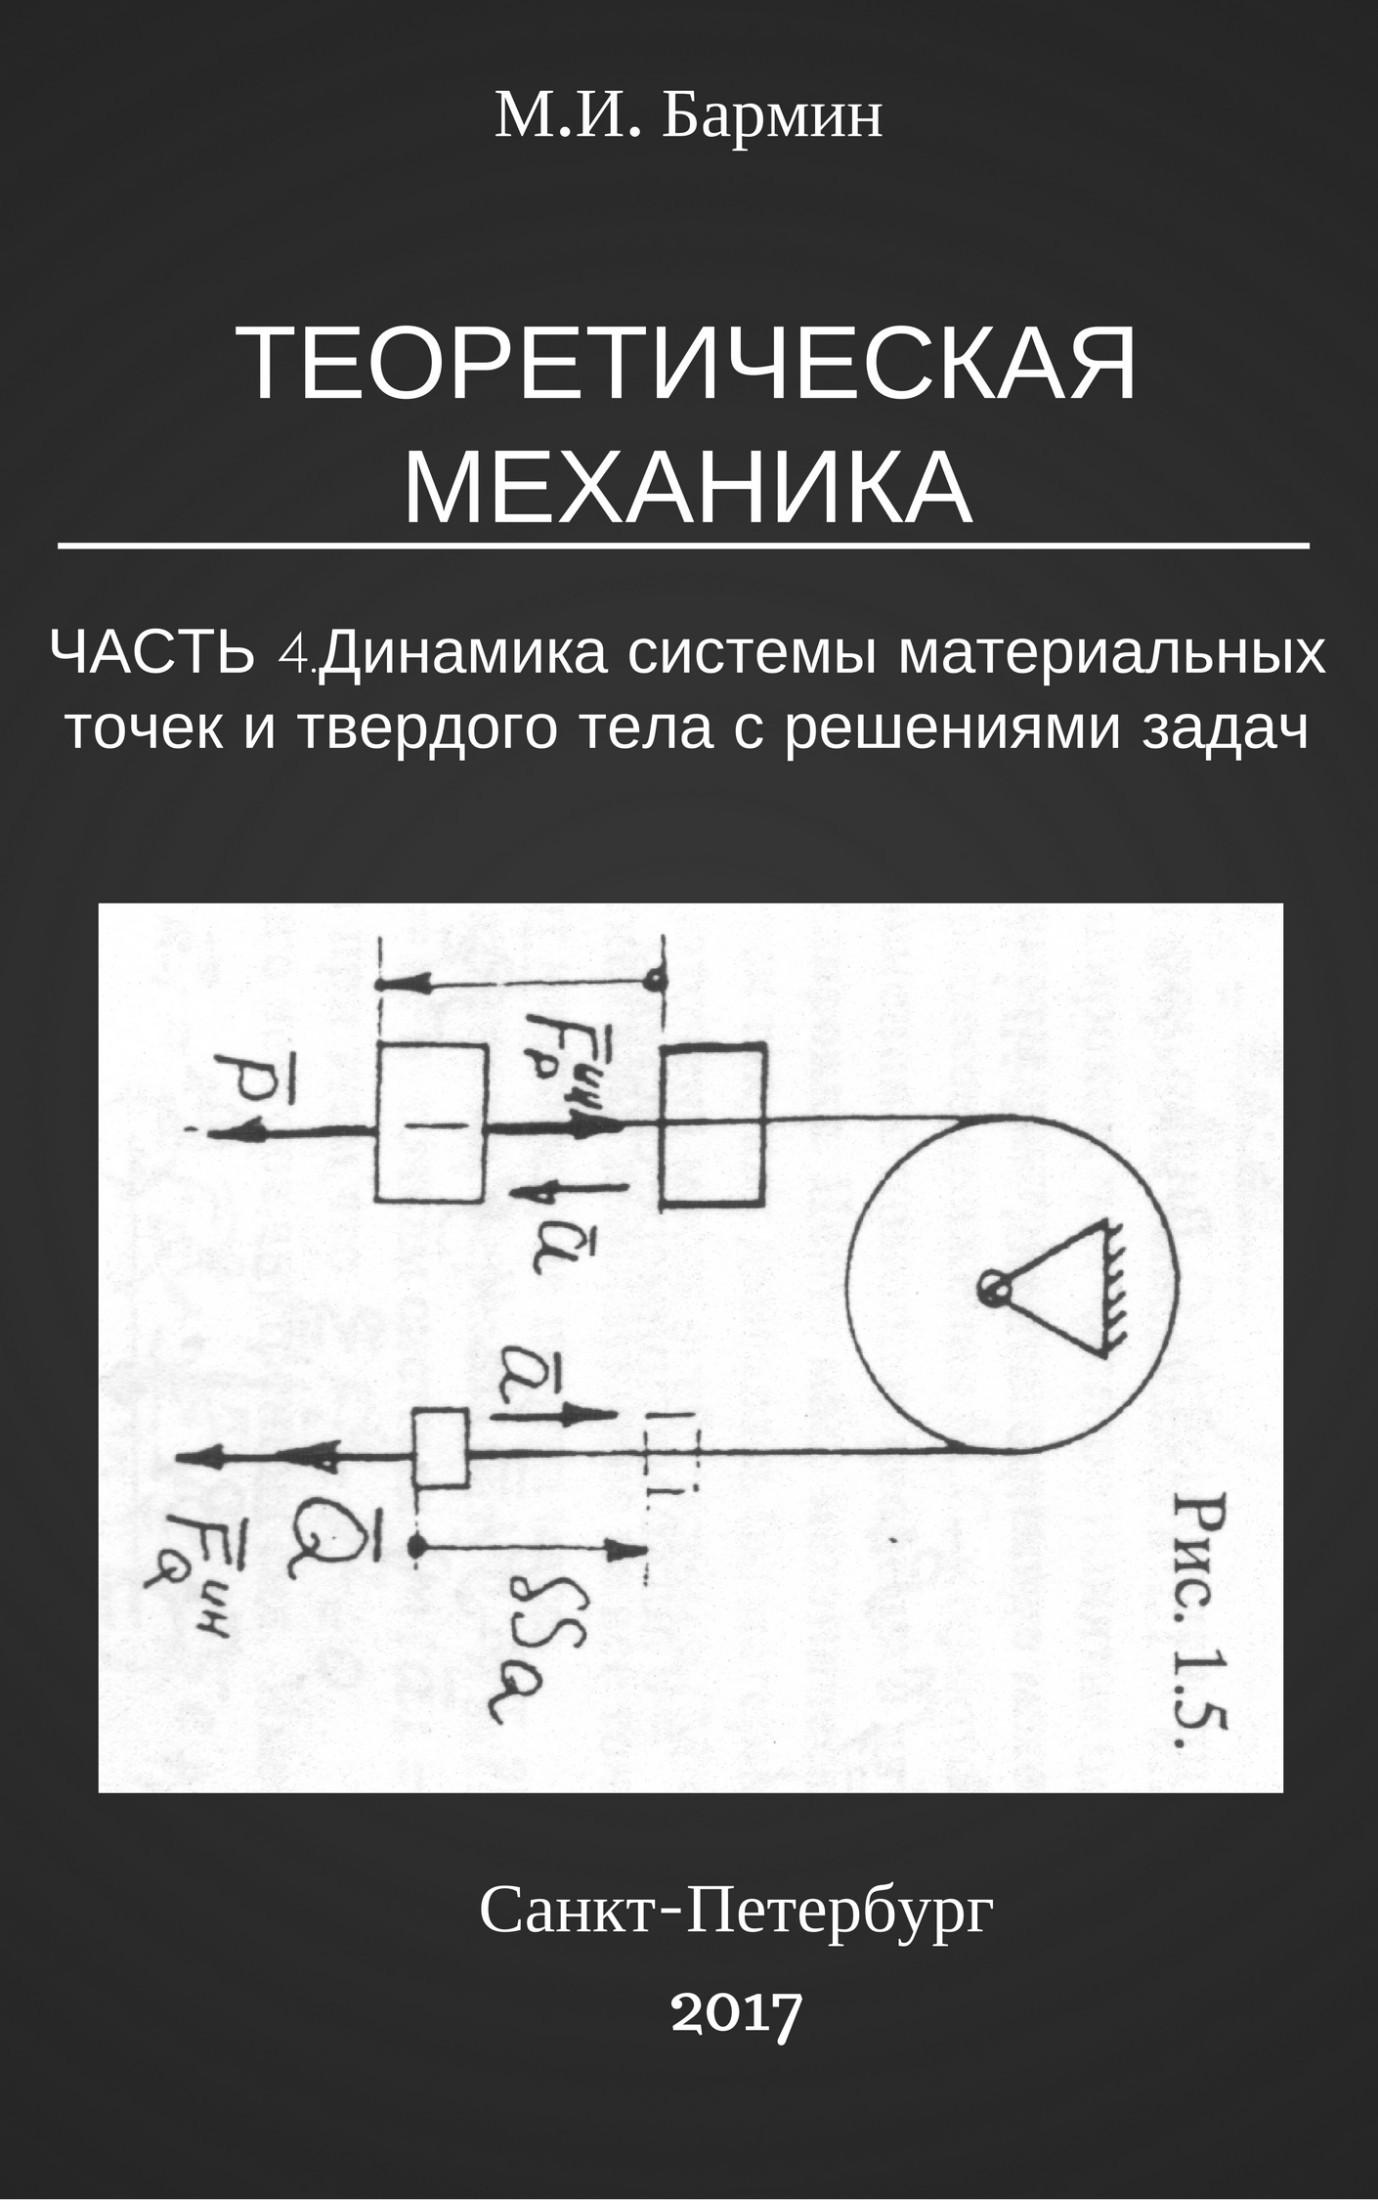 Михаил Бармин - Теоретическая механика. Часть 4. Динамика системы материальных точек и твердого тела с решениями задач